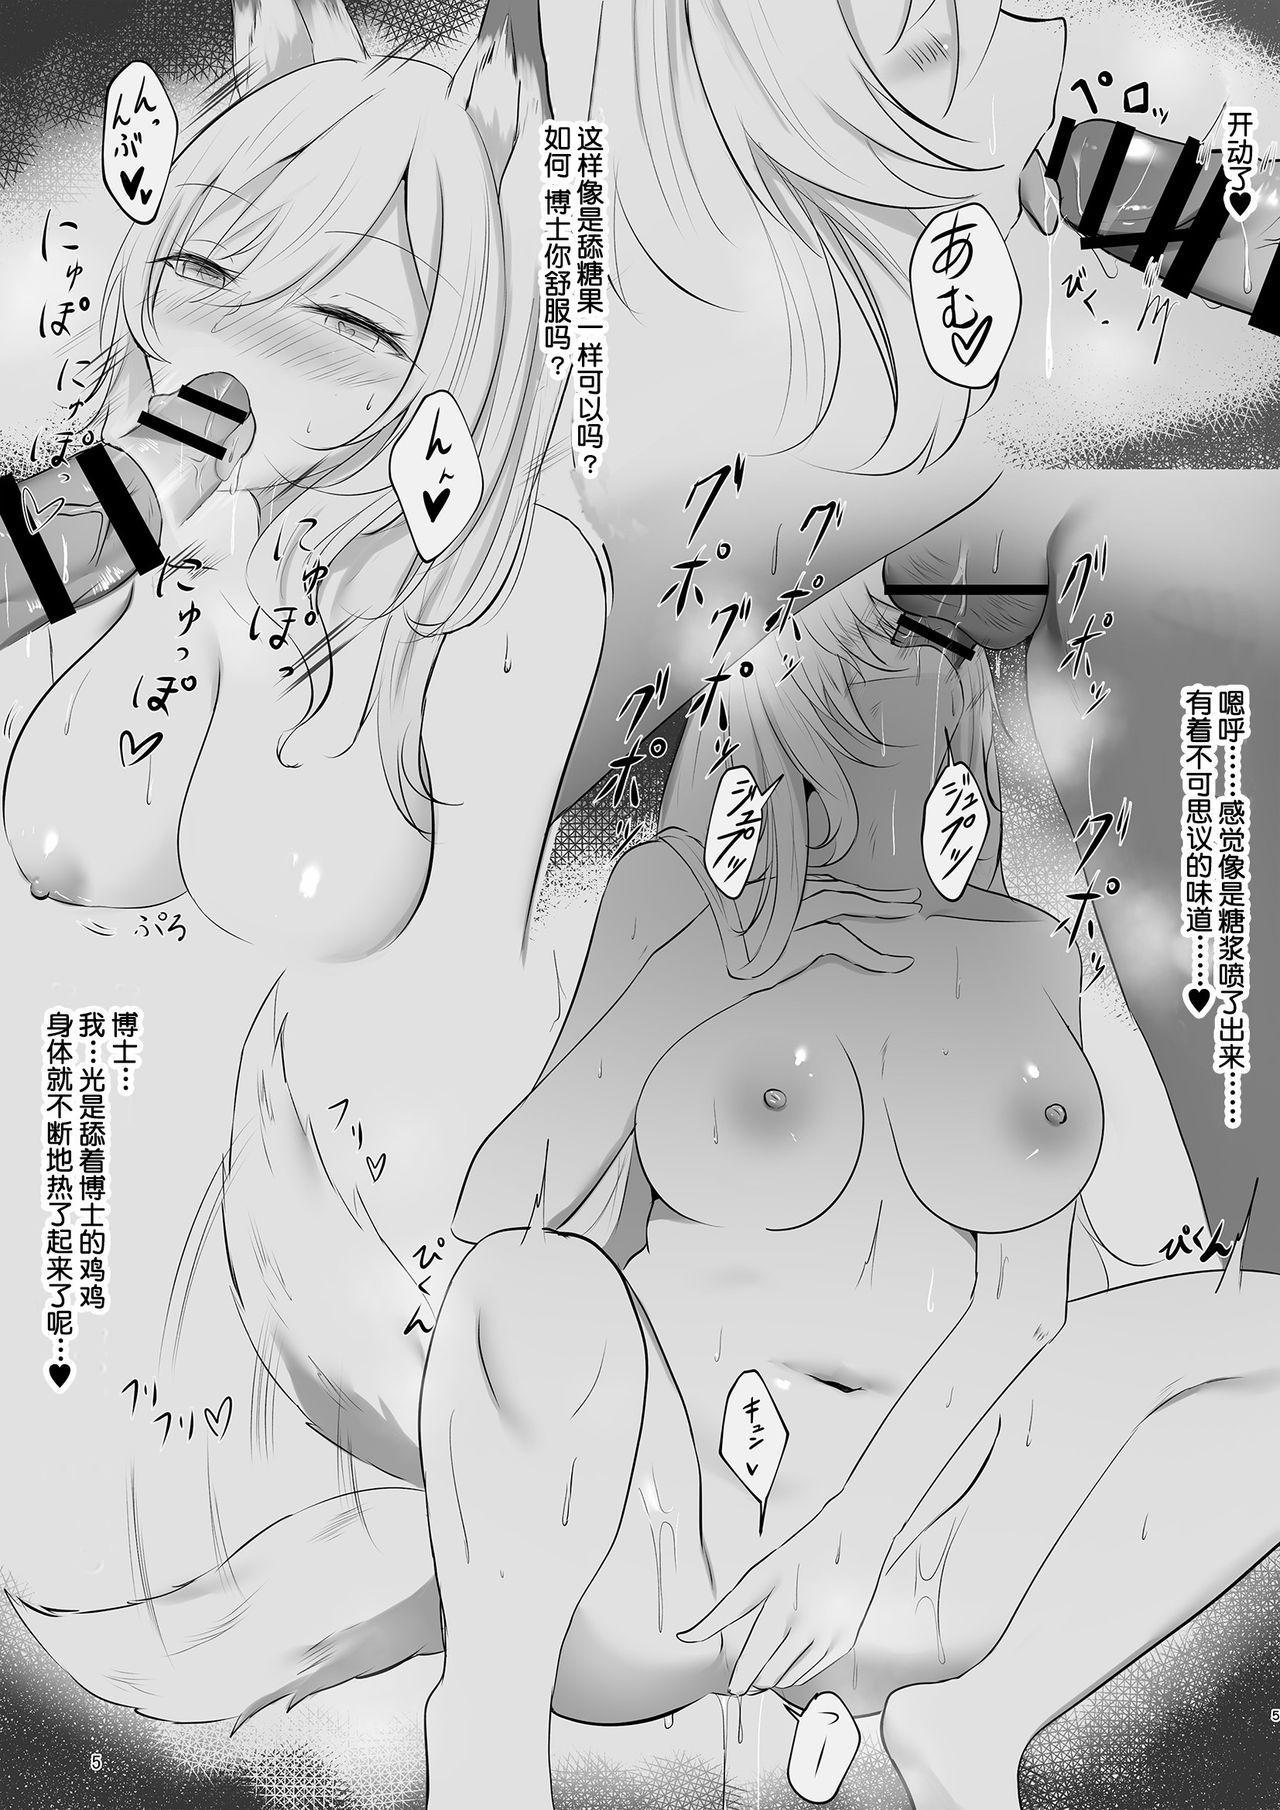 Yona Yona Senjou Sakusen Kiroku 5